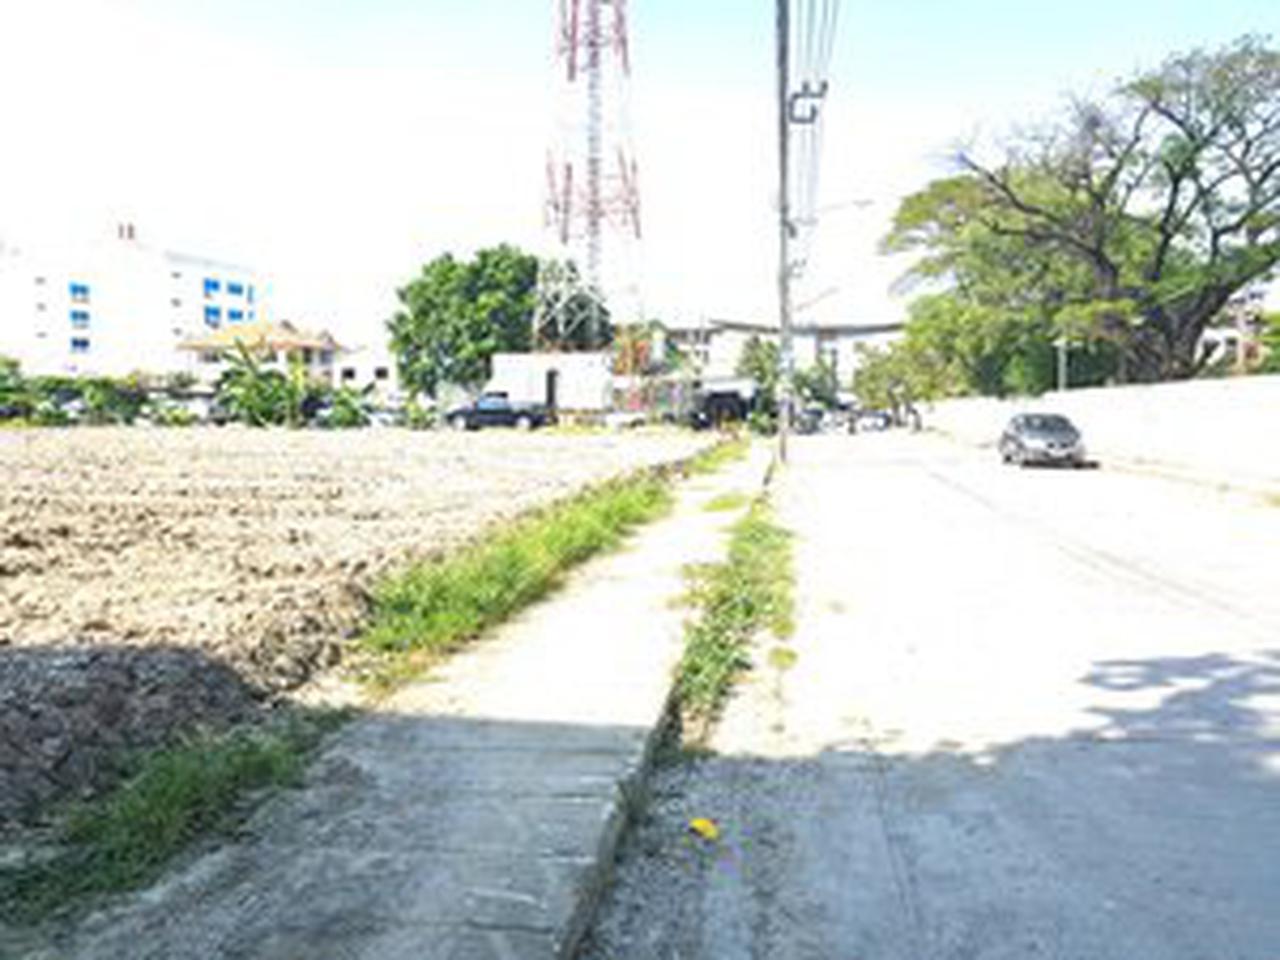 ที่ดินเปล่าถมแล้วให้เช่าในถนนนวมินทร์ กรุงเทพมหานคร รูปที่ 5